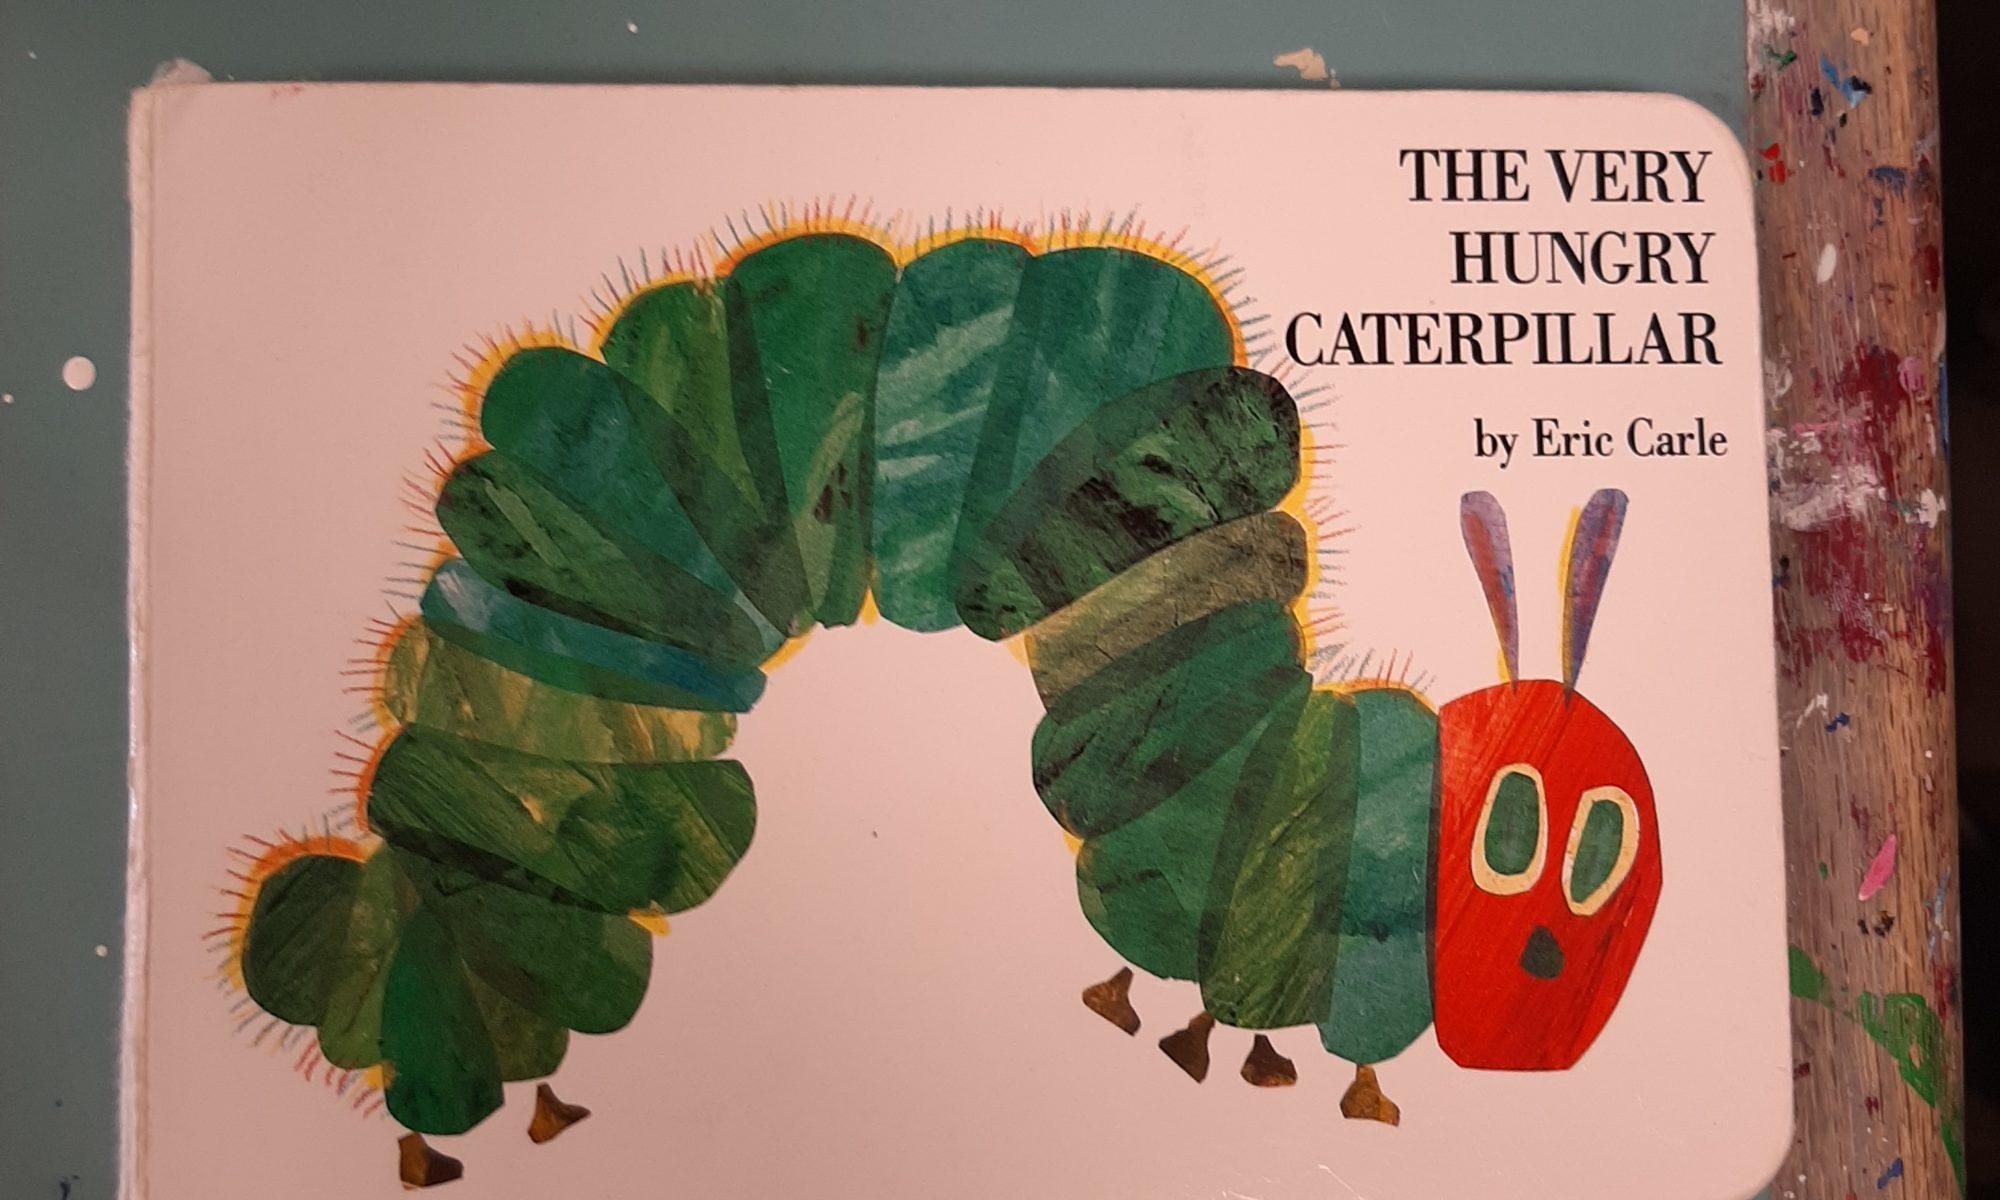 The Very Hungry CaterpillarA